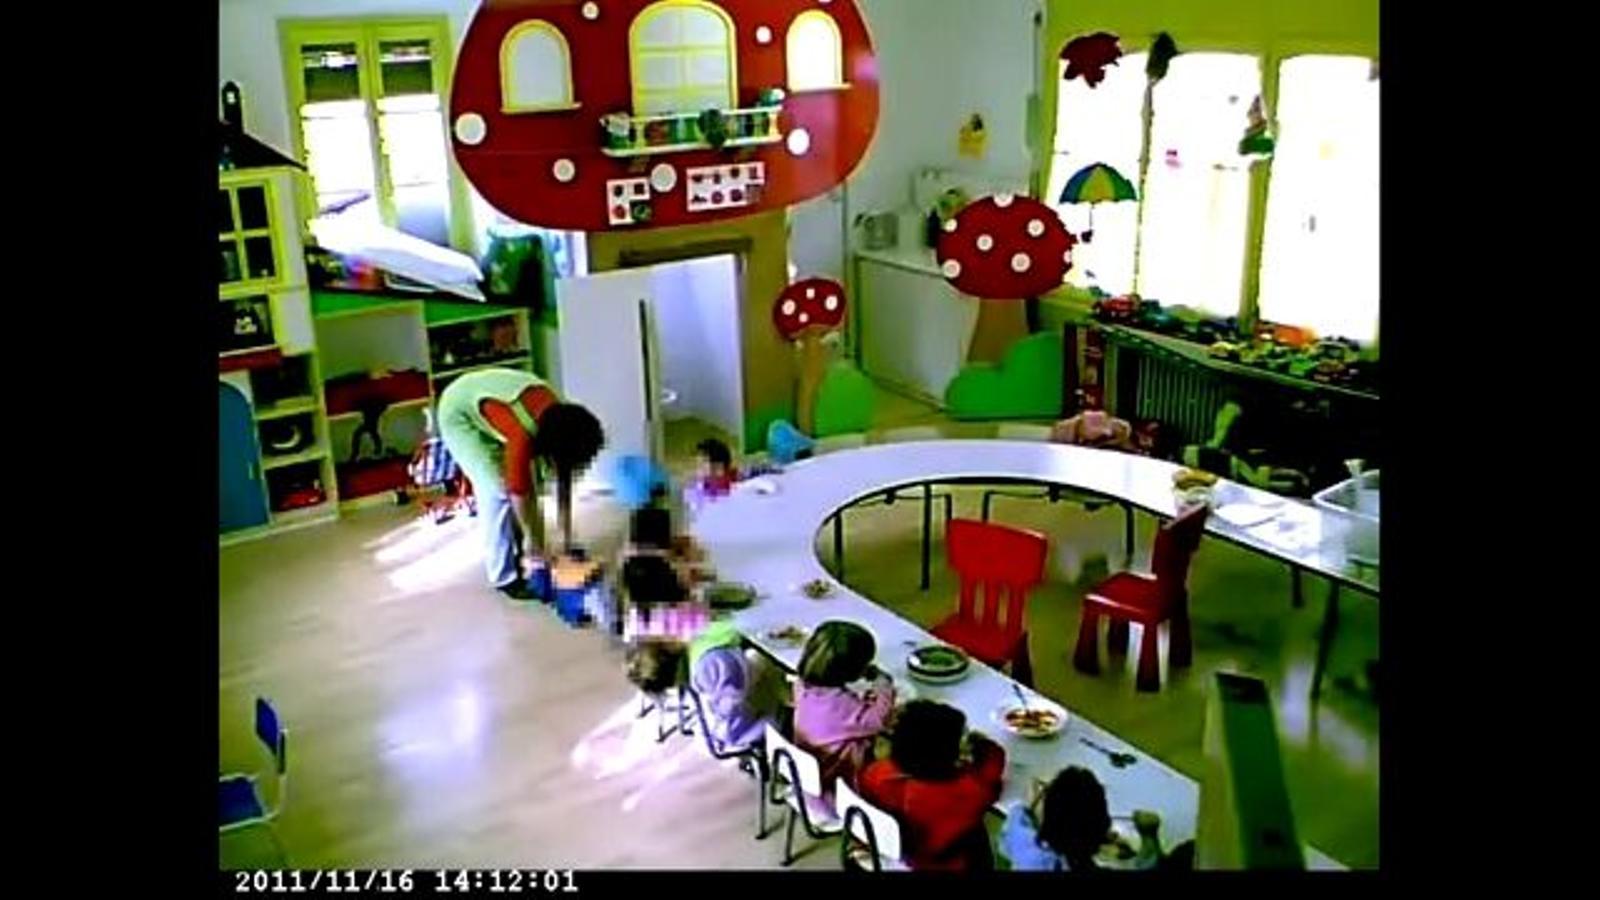 Víde on es veu com la mestra immobilitza un nen i l'obliga a empassar menjar i introdueix un altre nen en un llençol en forma de sac en la posició inversa a l'habitual